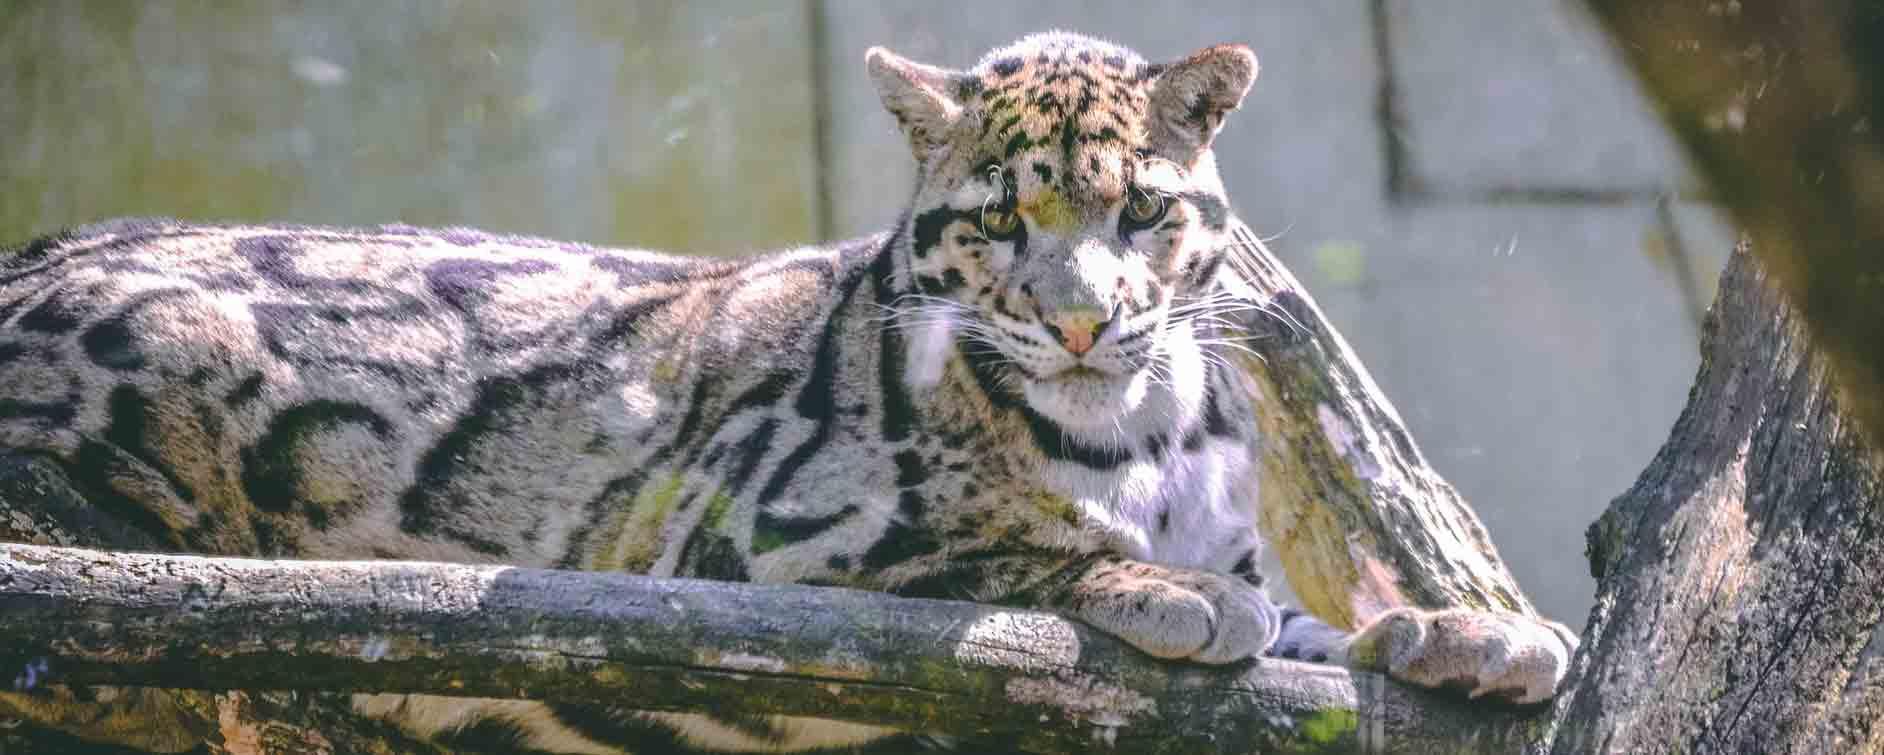 le zoo de pont scorff